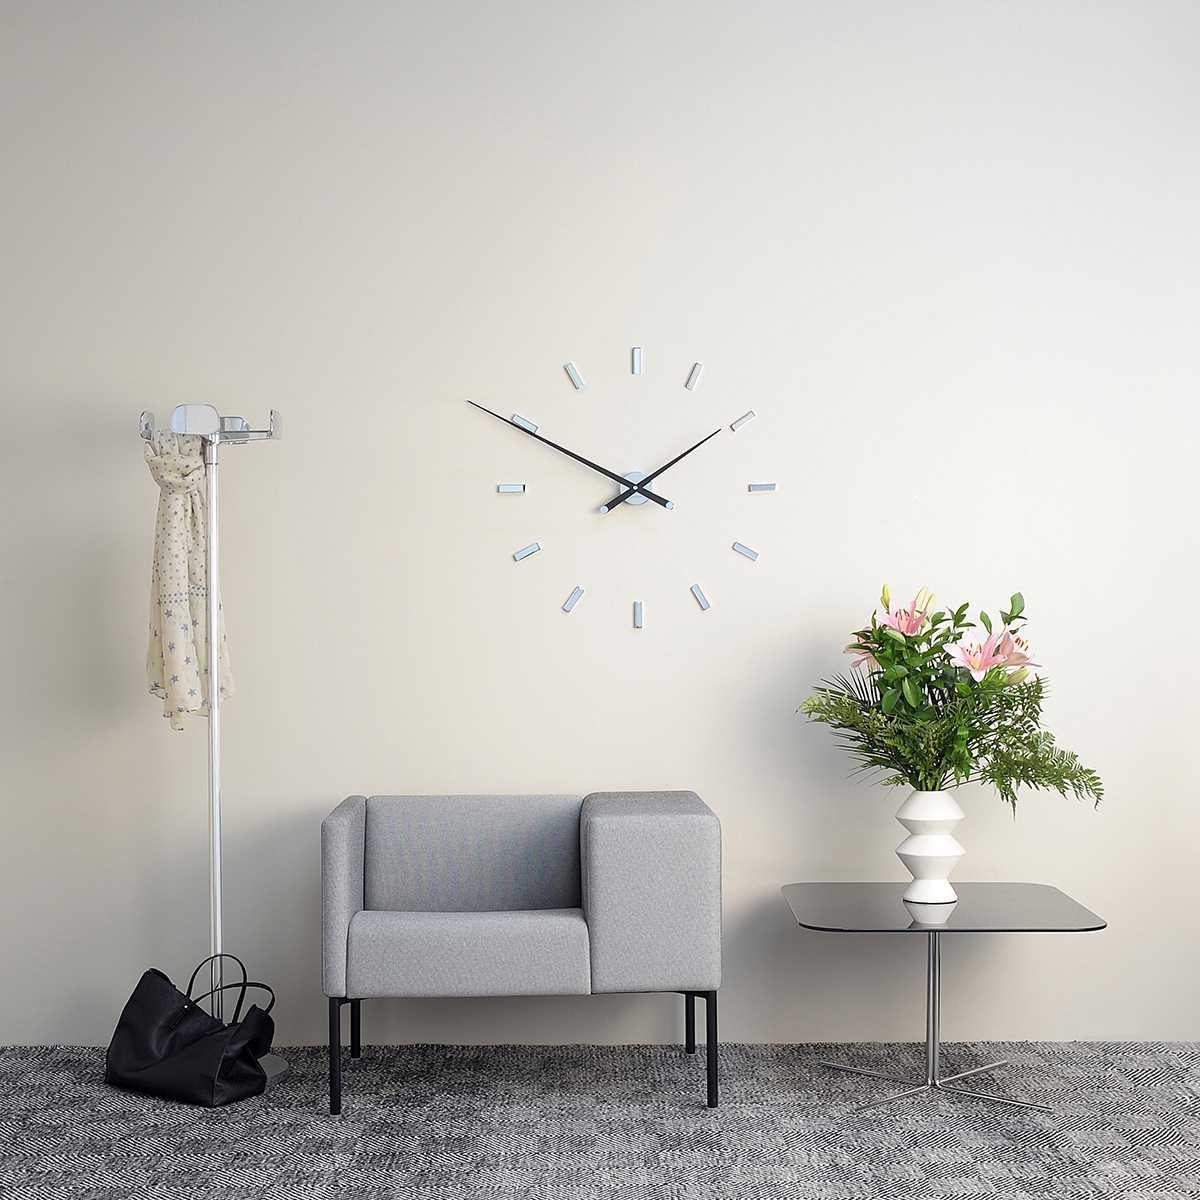 современный дизайн гостиной комнаты с необычными настенными часами